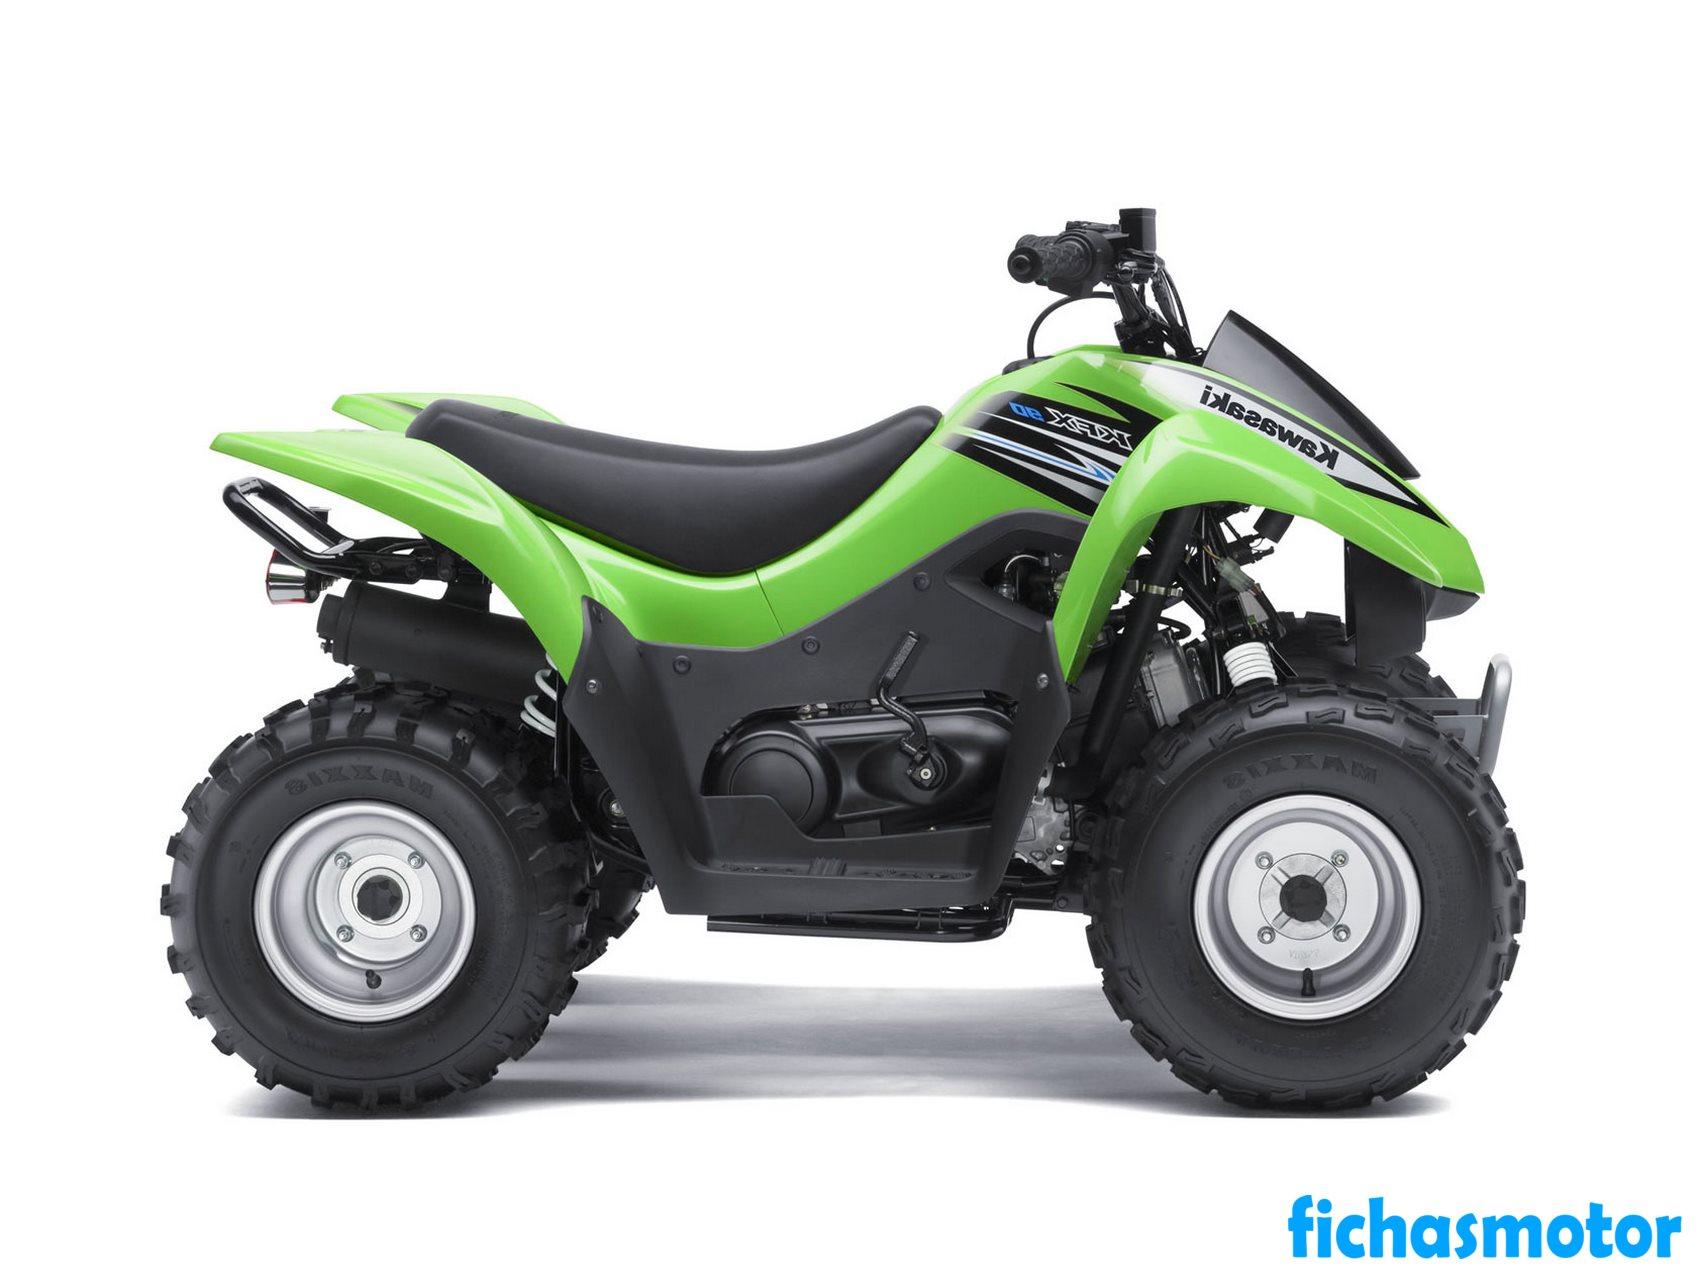 Ficha técnica Kawasaki kfx 90 2011